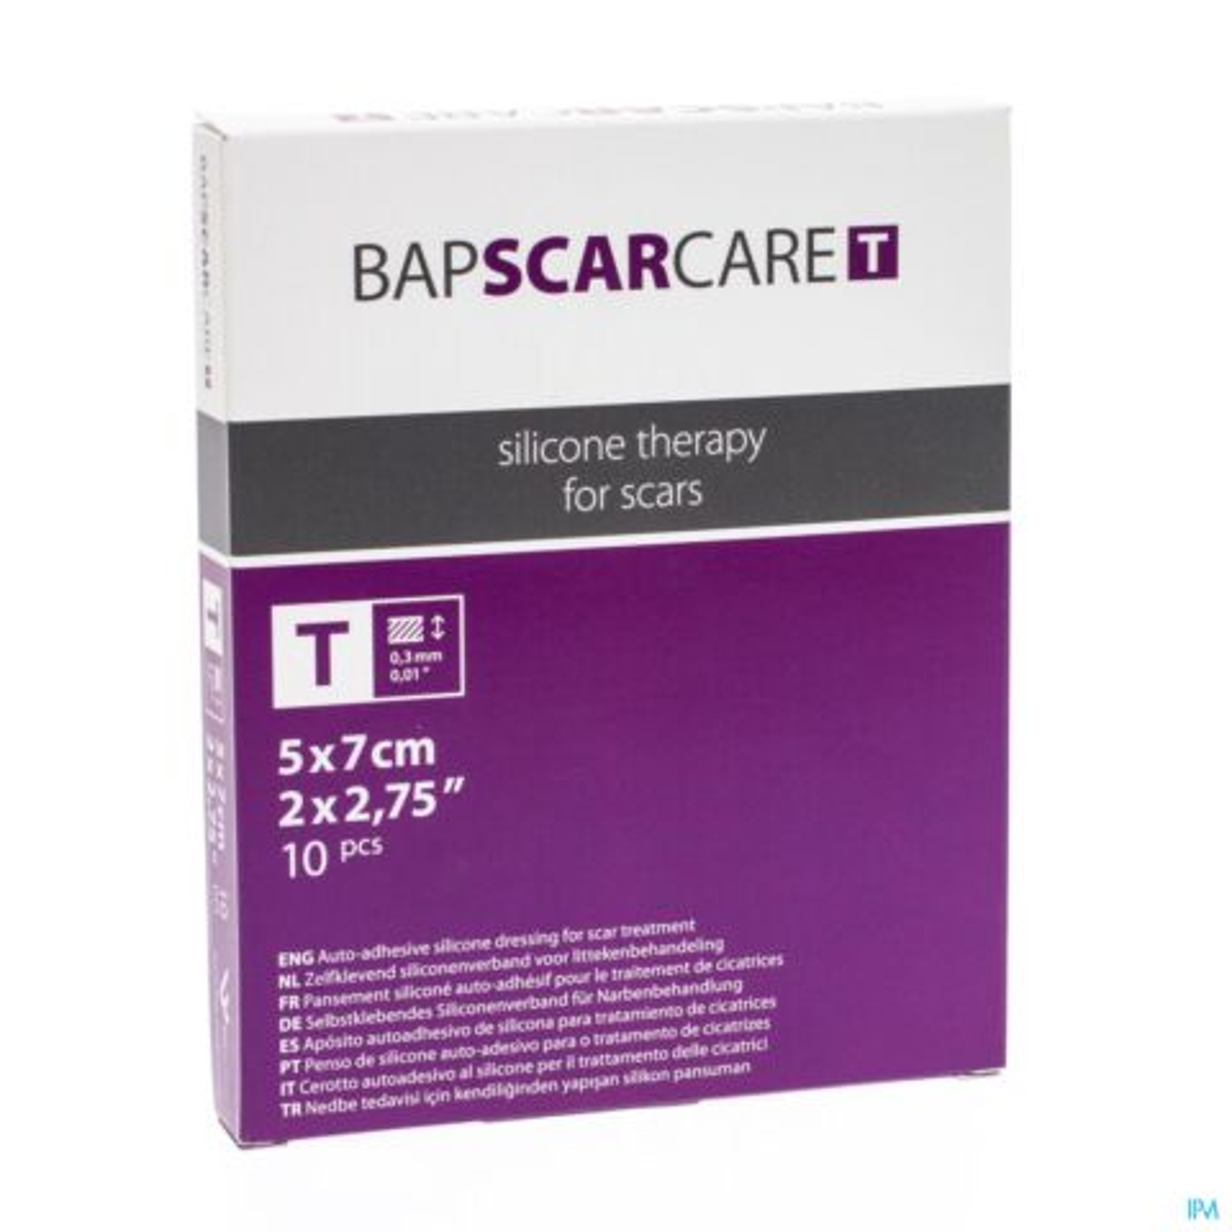 Bap Scar Care T Pans Fin Transp 5x 7cm 10 600507